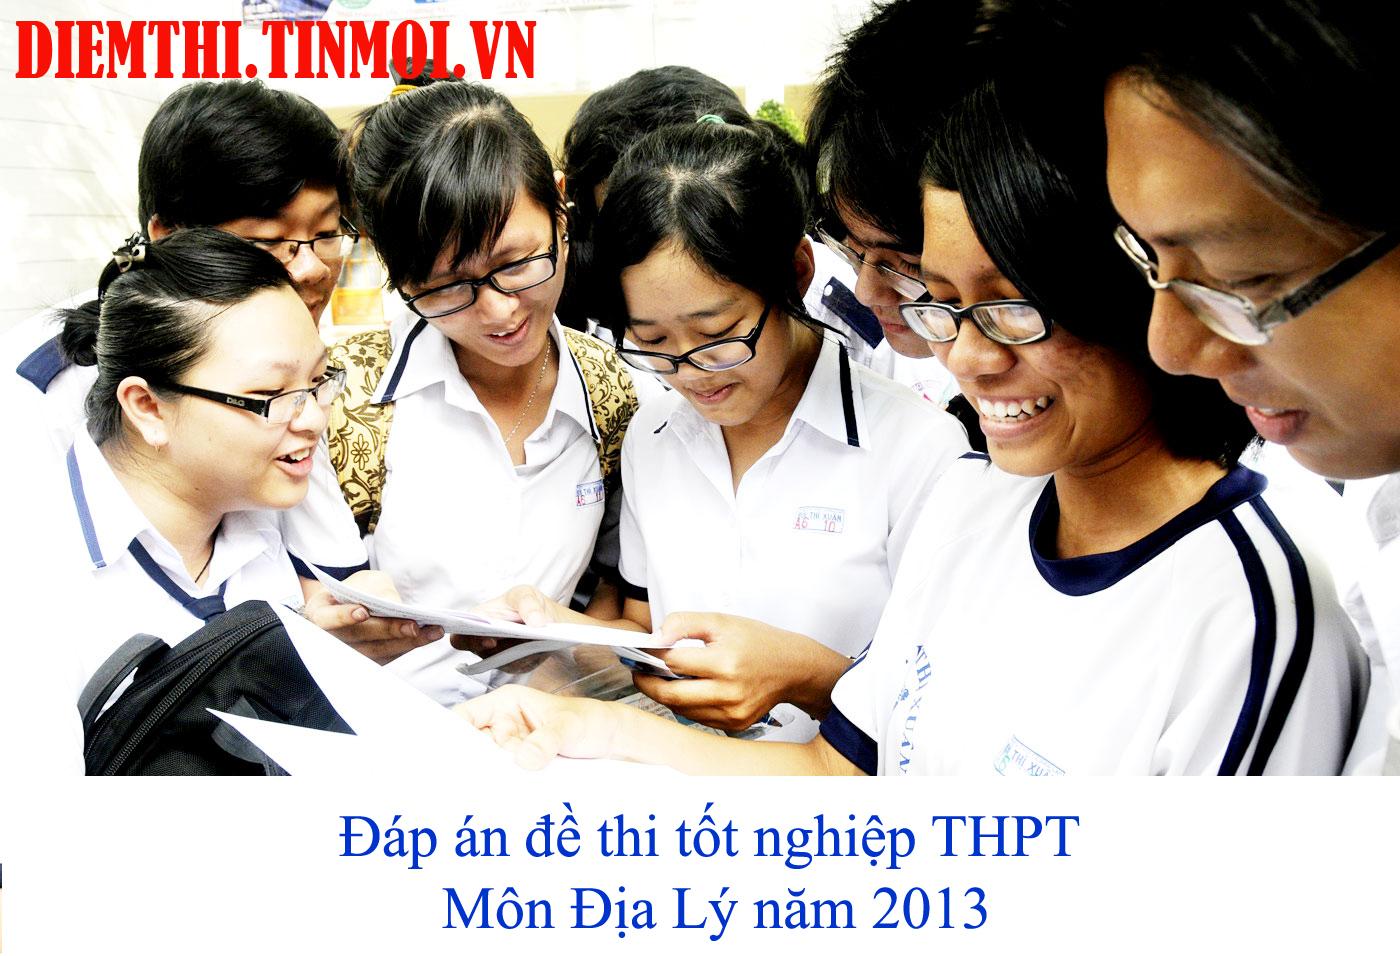 Hình ảnh Đề thi tốt nghiệp THPT môn Địa lý năm 2013 số 2